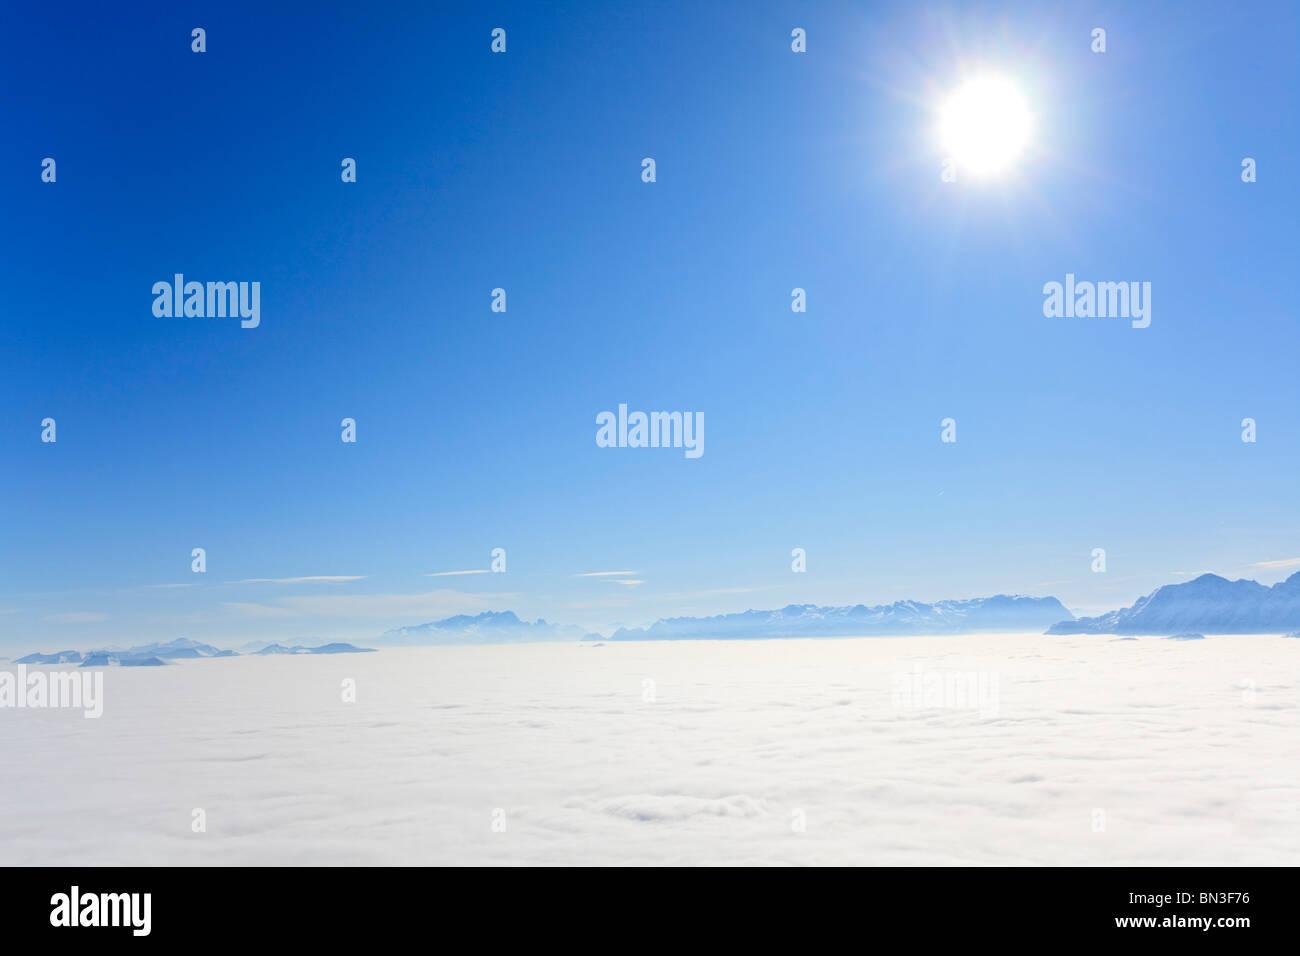 La nebbia che copre la Salzachtal, Salzburger Land, Austria Immagini Stock